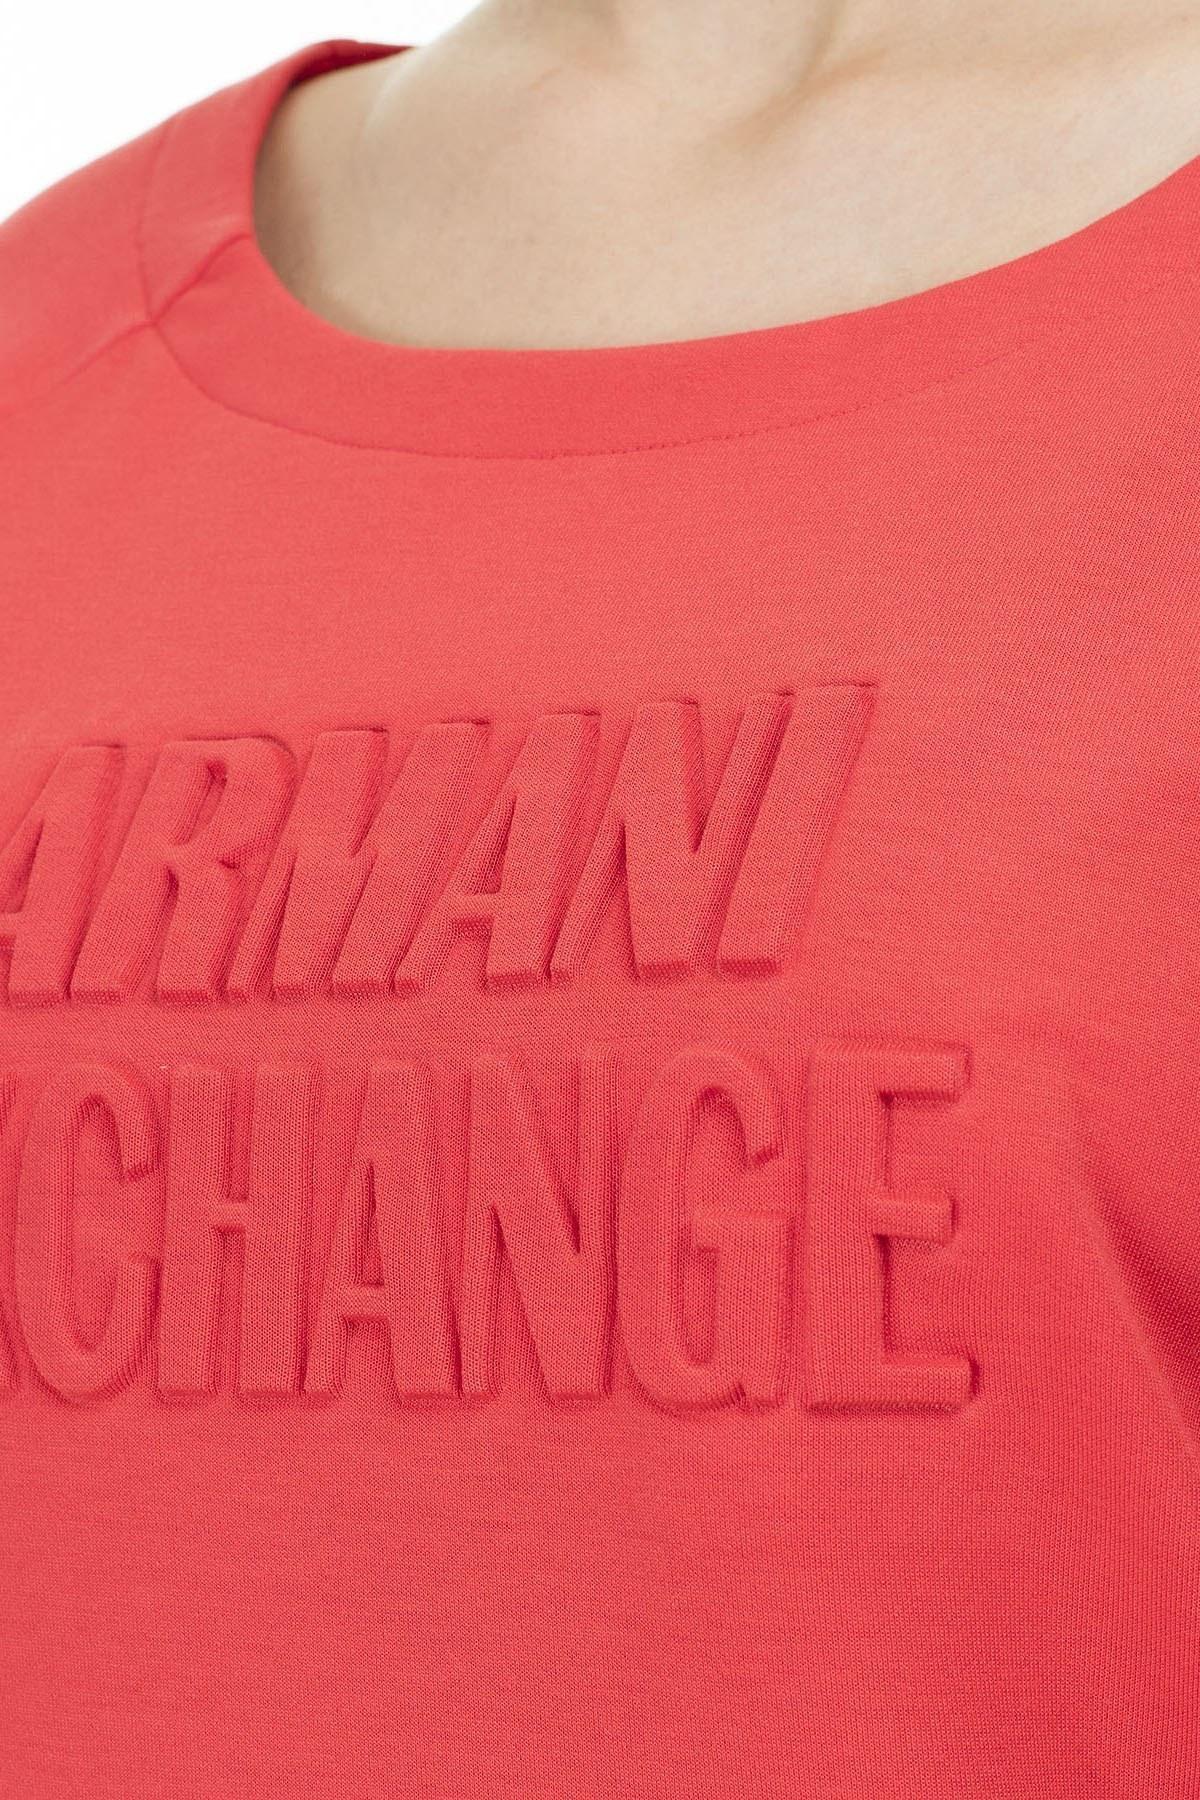 Armani Exchange Baskılı Bisiklet Yaka Kadın Sweat 8NYM76 Y9L7Z 1476 MERCAN